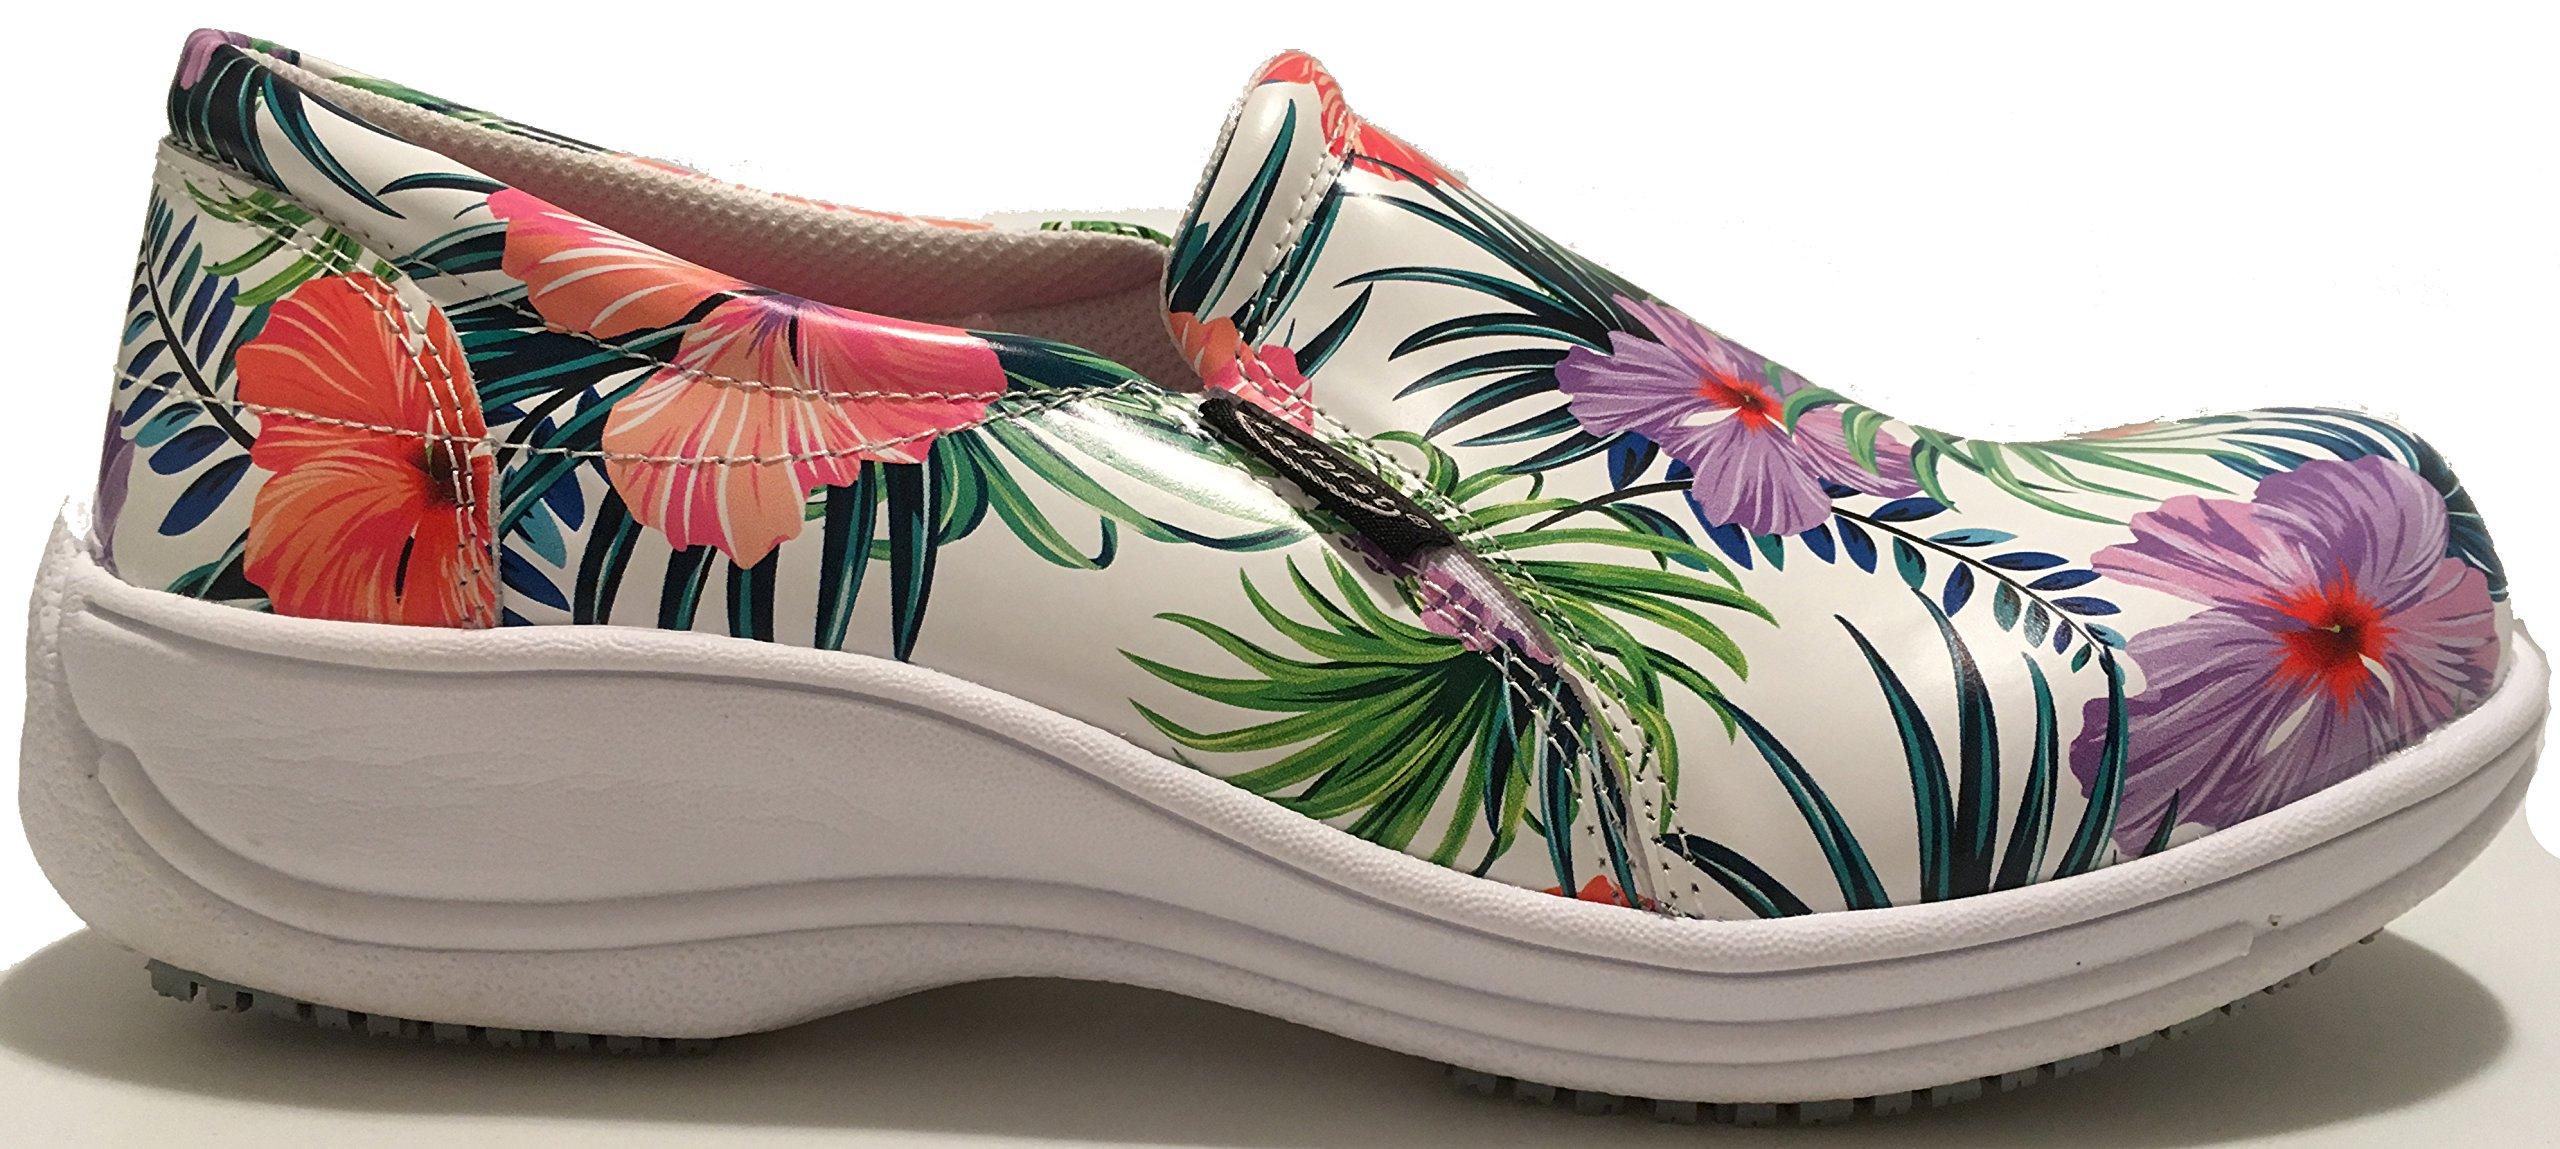 Laforst Joana 7018 Womens Work Slip Resistant Slip On Clogs White Floral 9